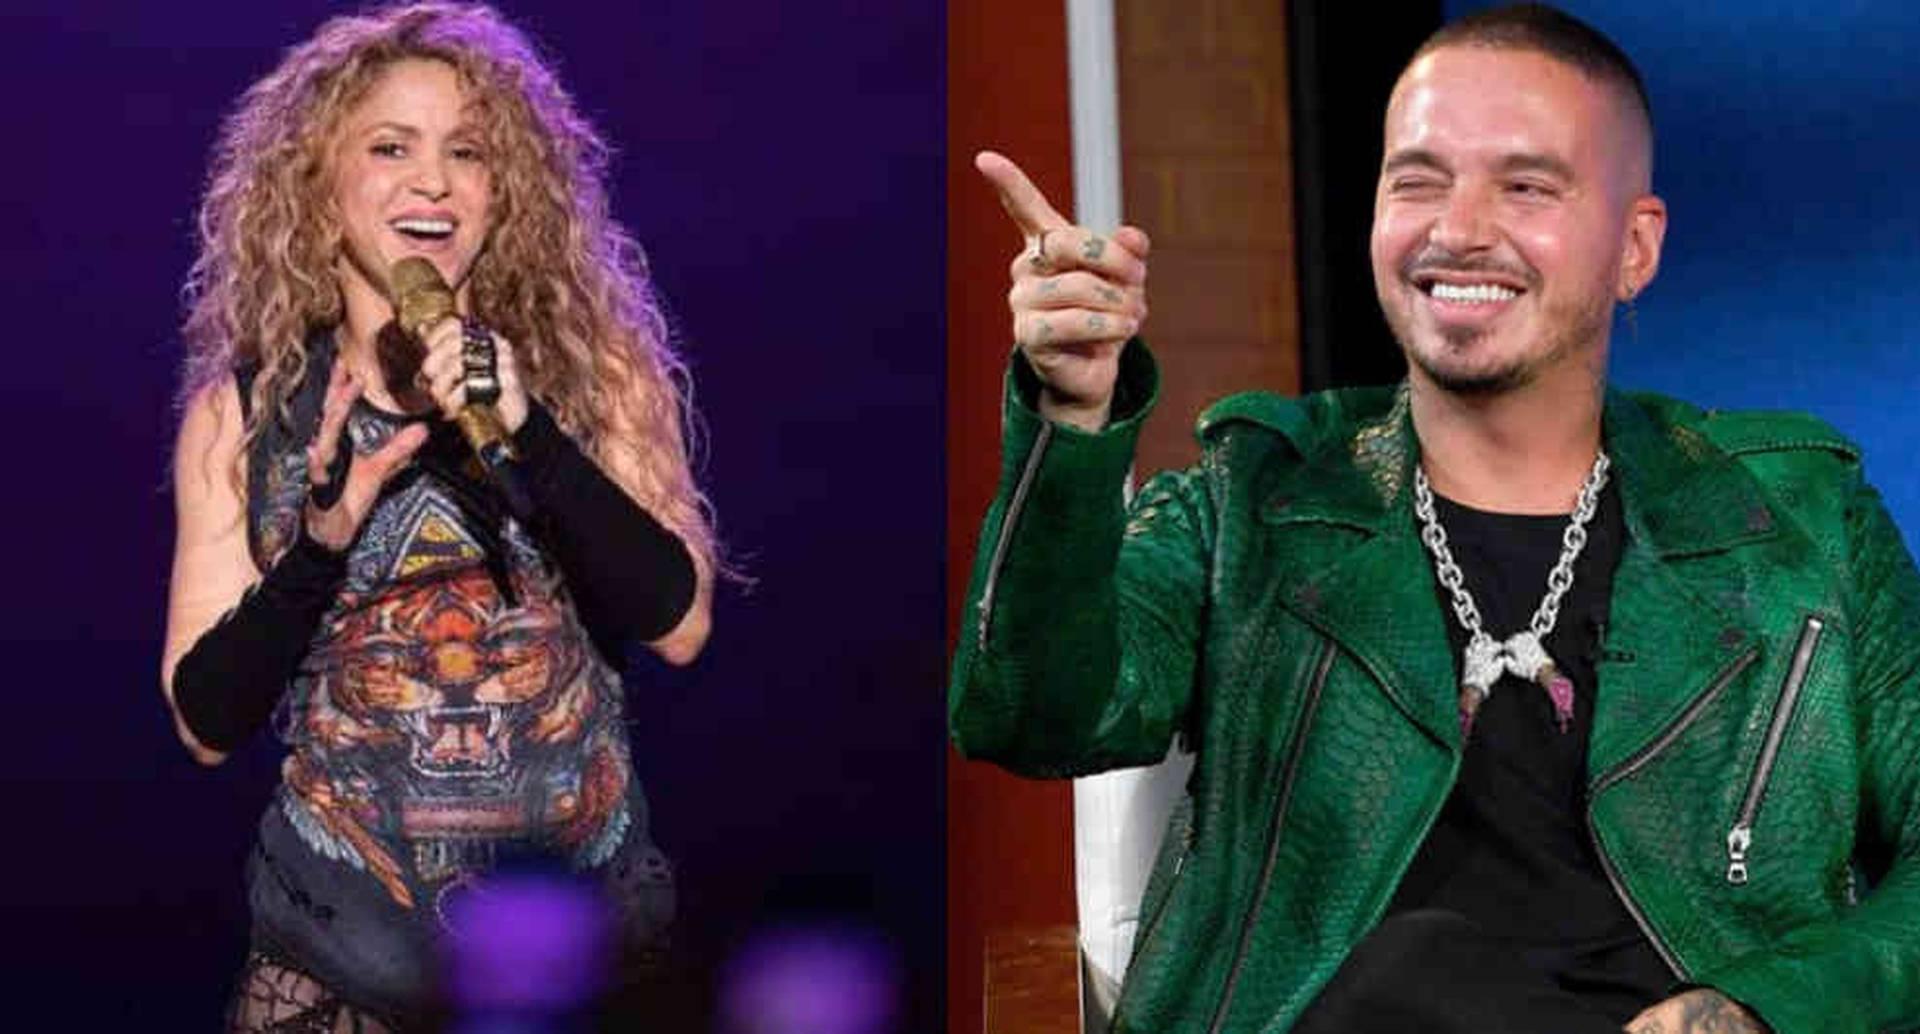 J Balvin es criticado por supuestamente burlarse de Shakira en entrevista/Fotos: AFP